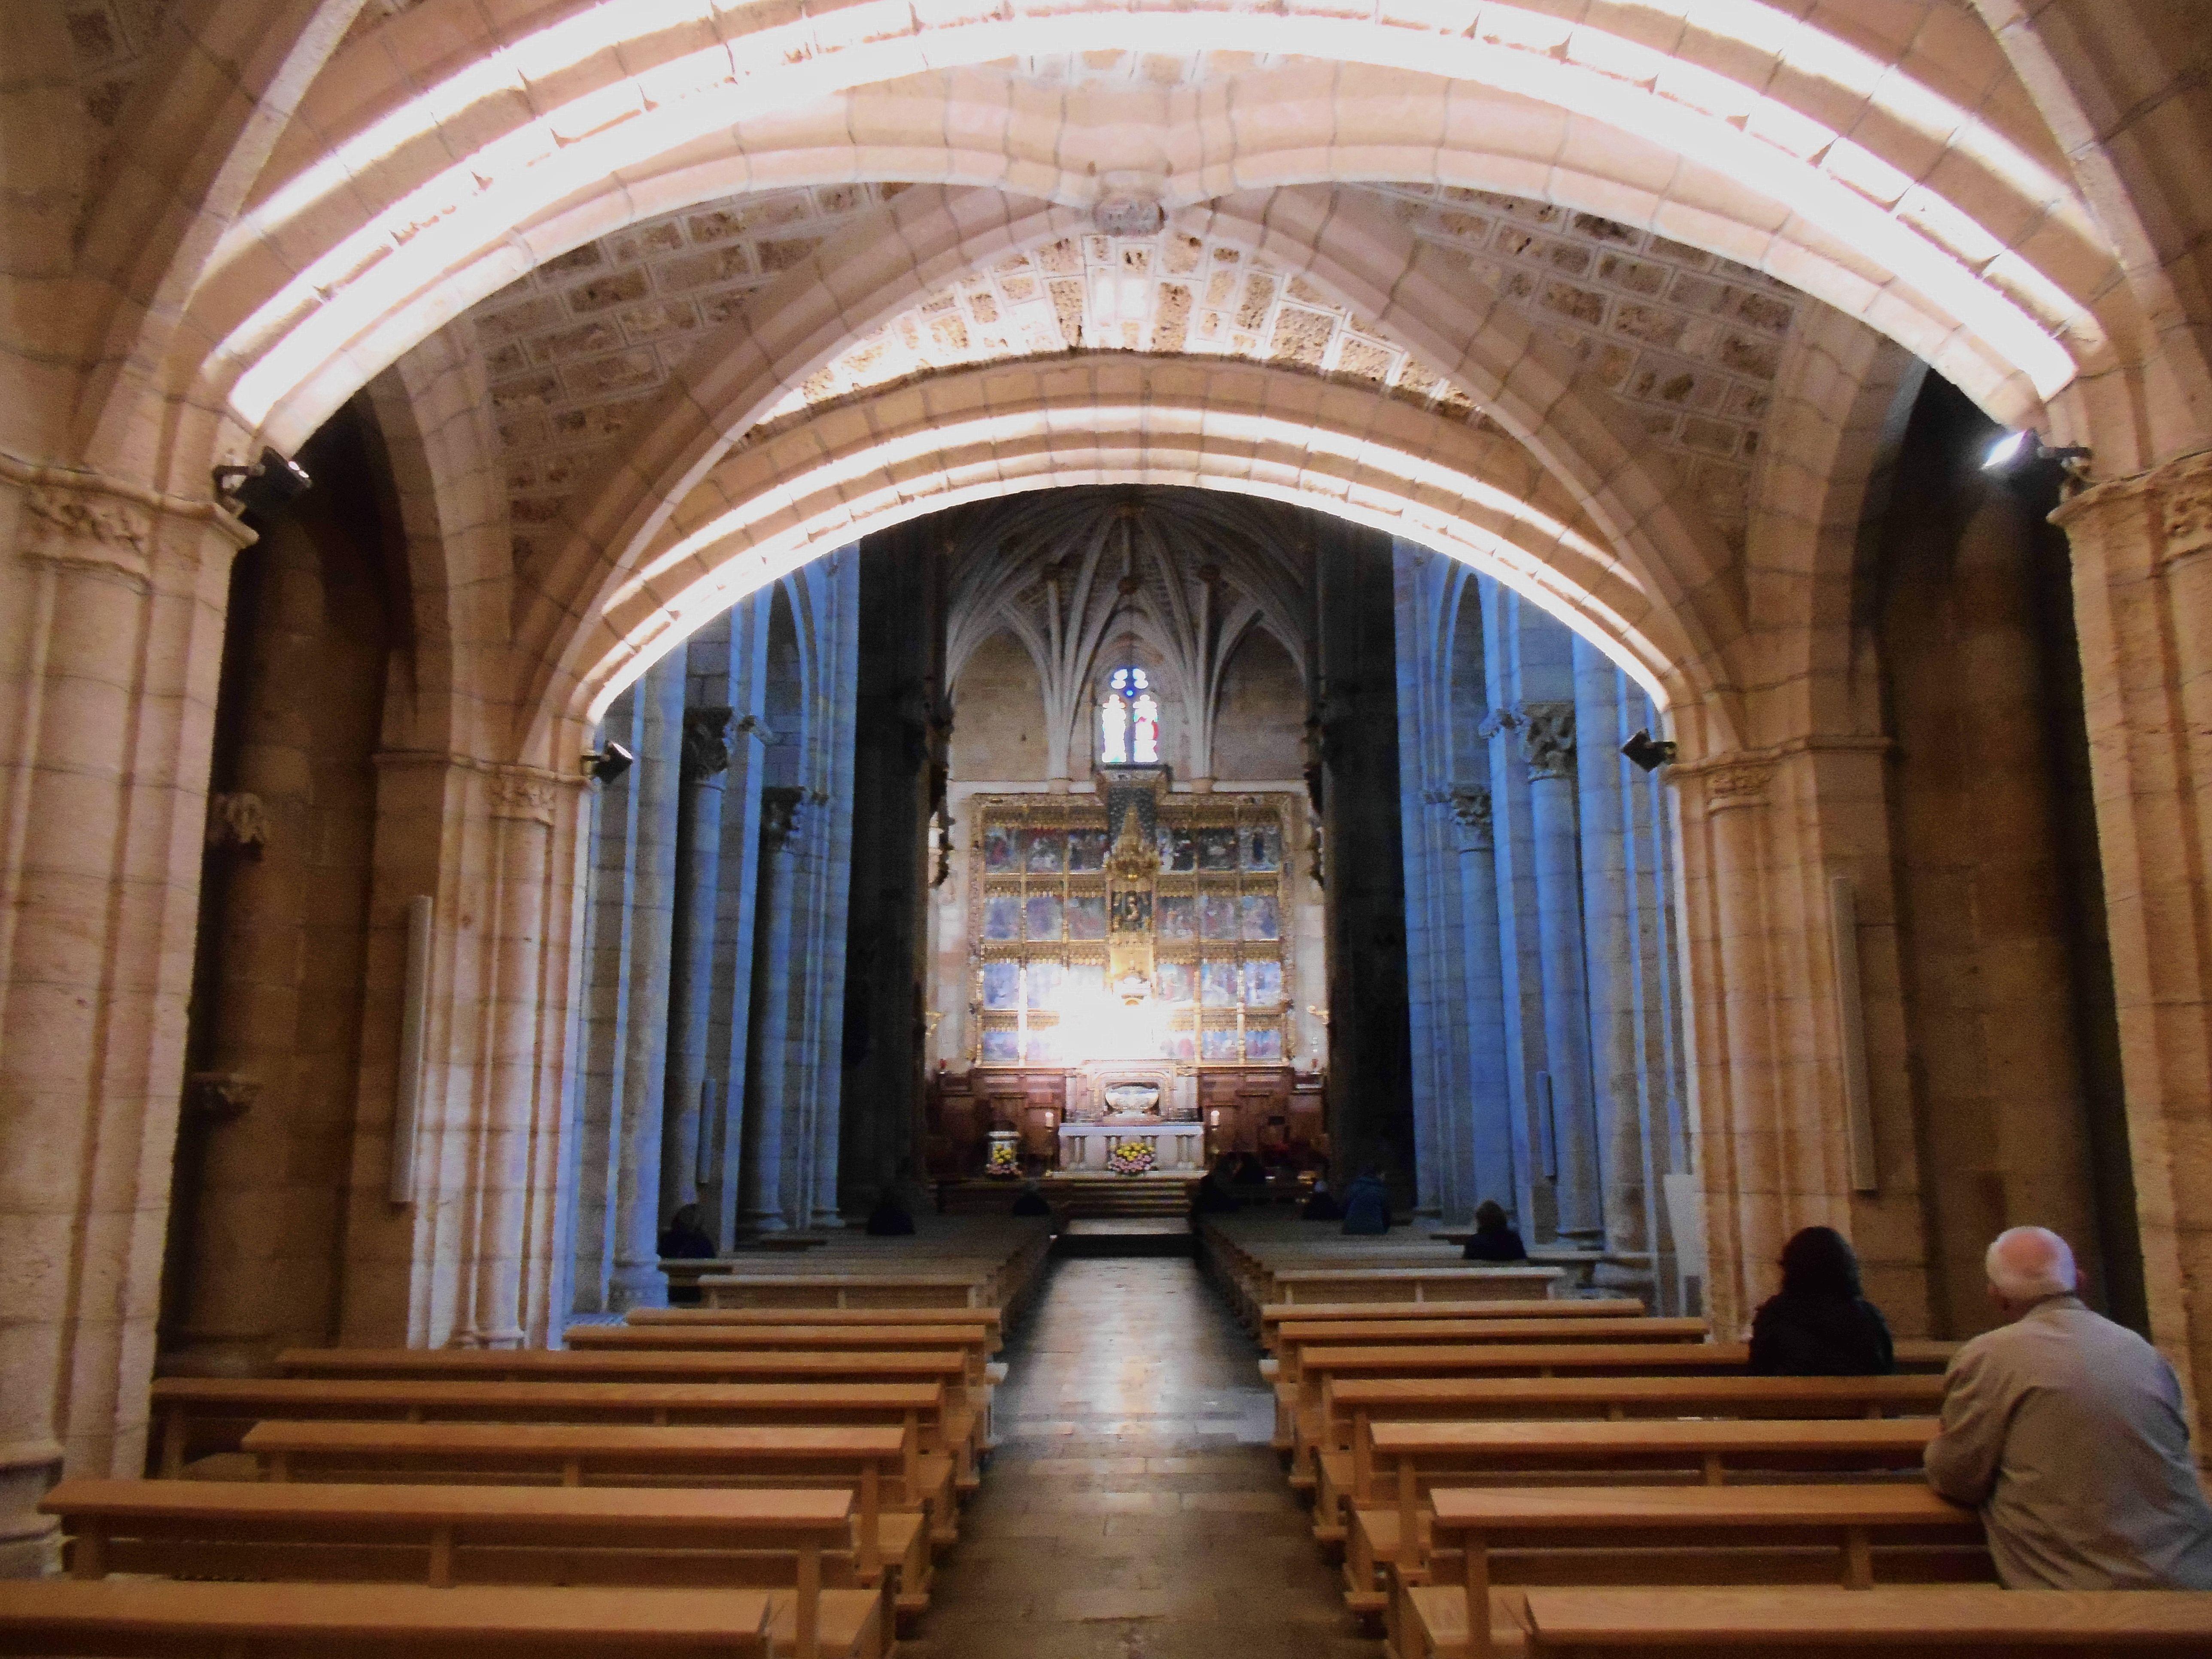 Nave central de la Colegiata de San Isidoro. Arcos del crucero.